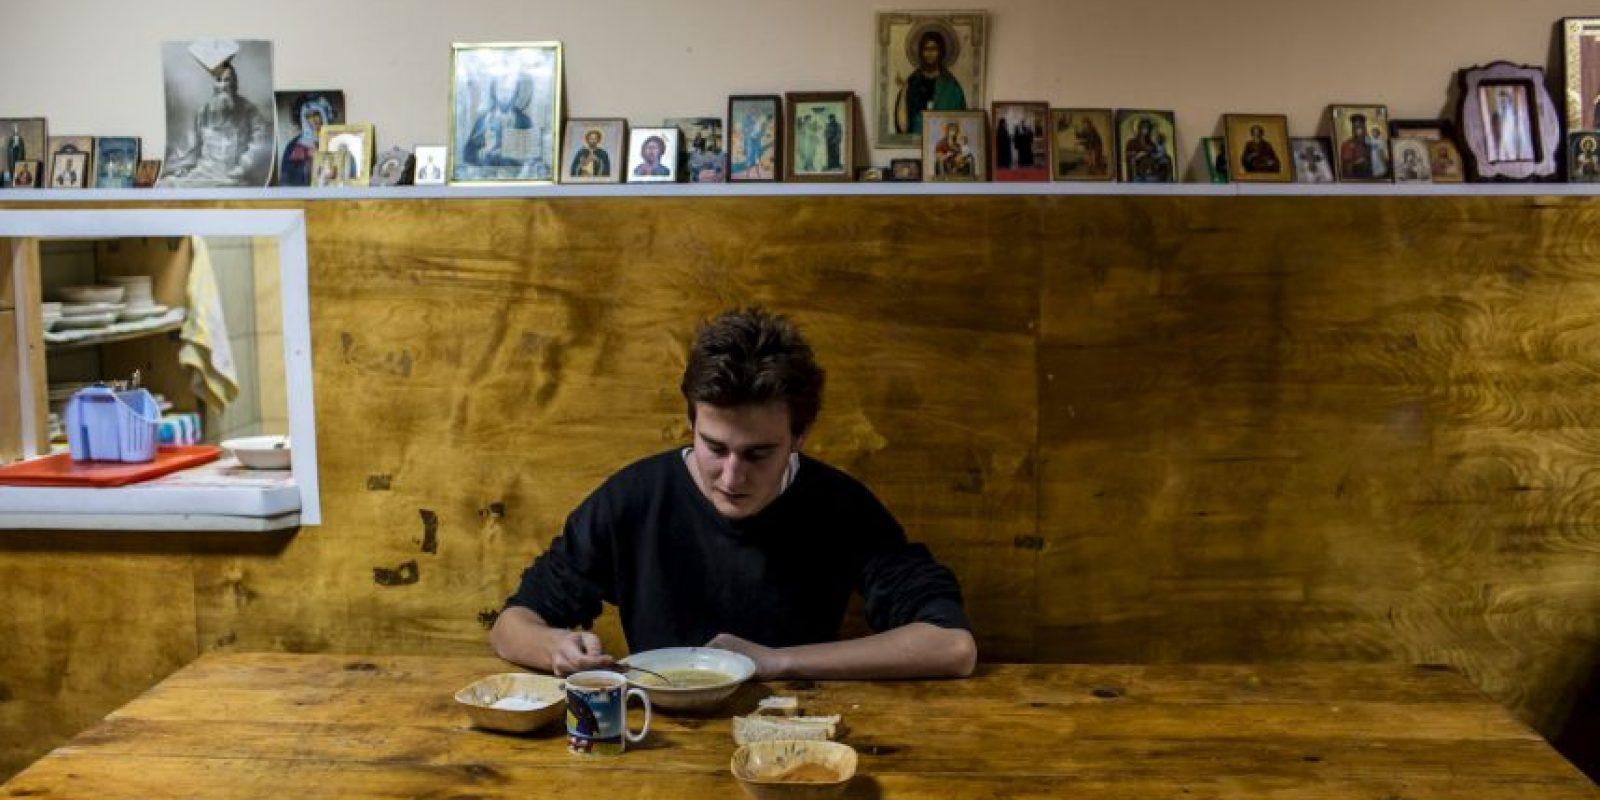 Las personas que han ingerido el producto contaminado han mostrado comportamientos psicóticos. Foto:Getty Images